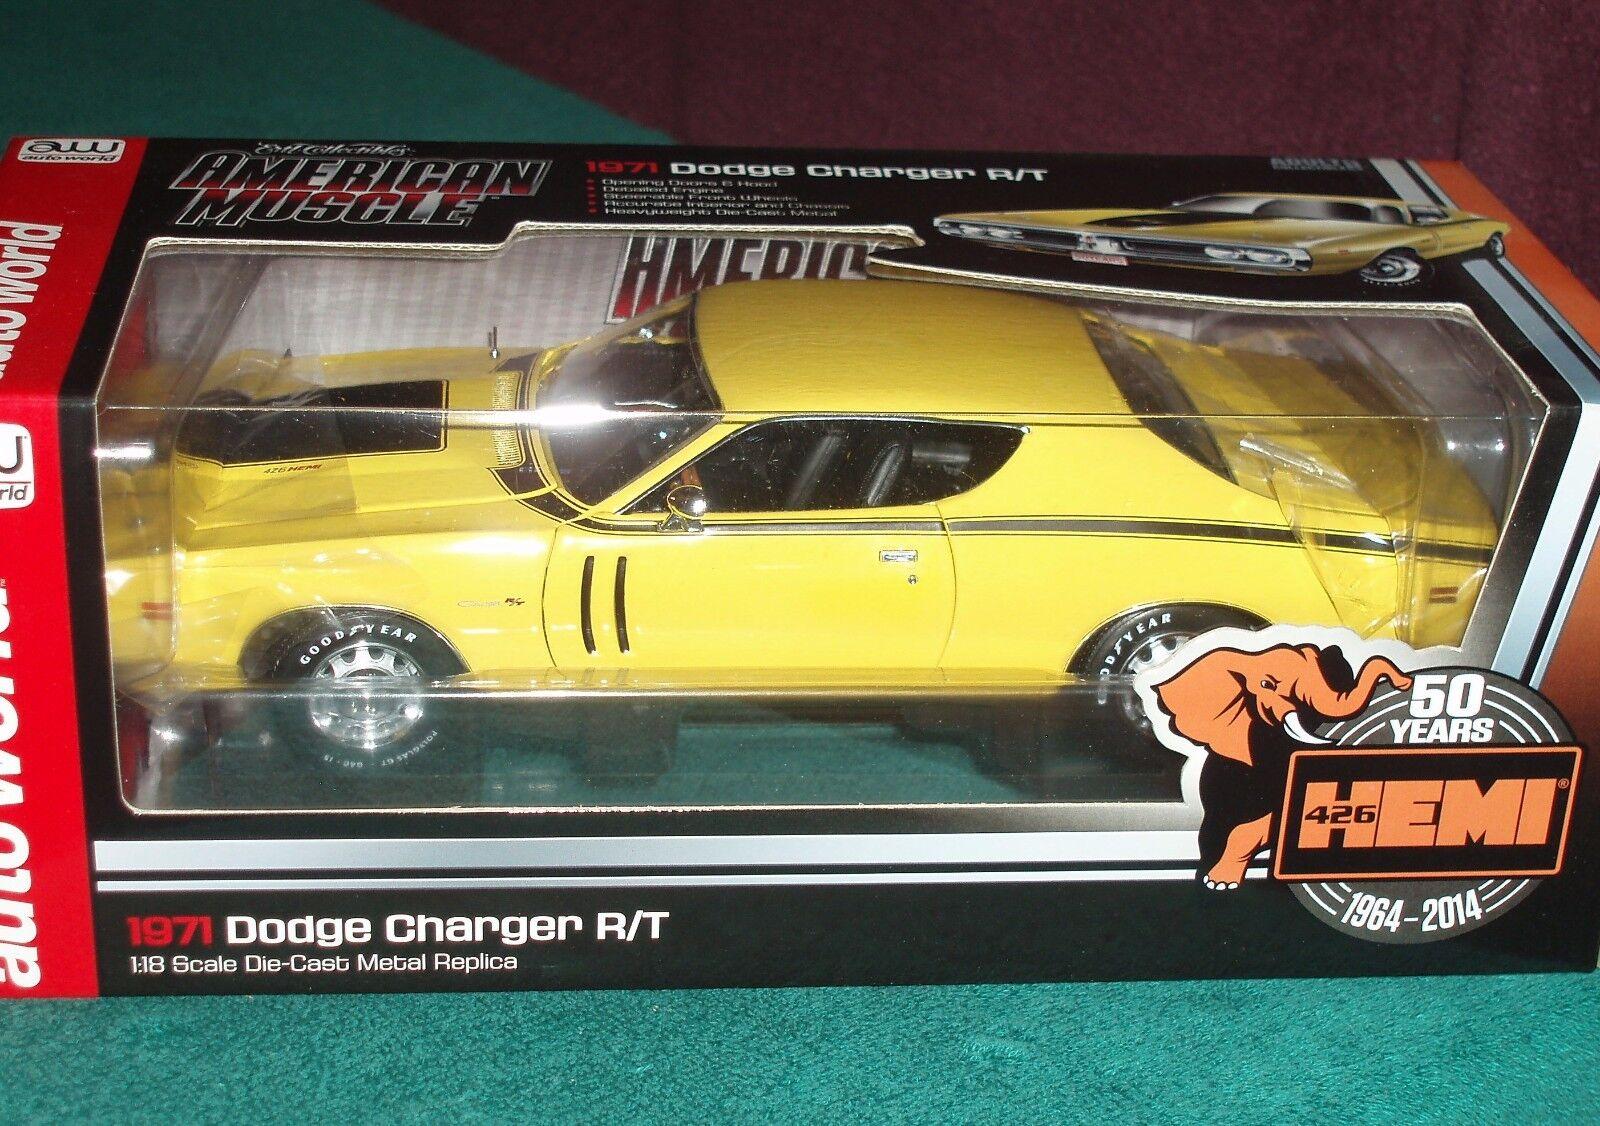 Auto World 1971 Dodge Charger R T HEMI jaune noir 1 18 50th Anniversaire